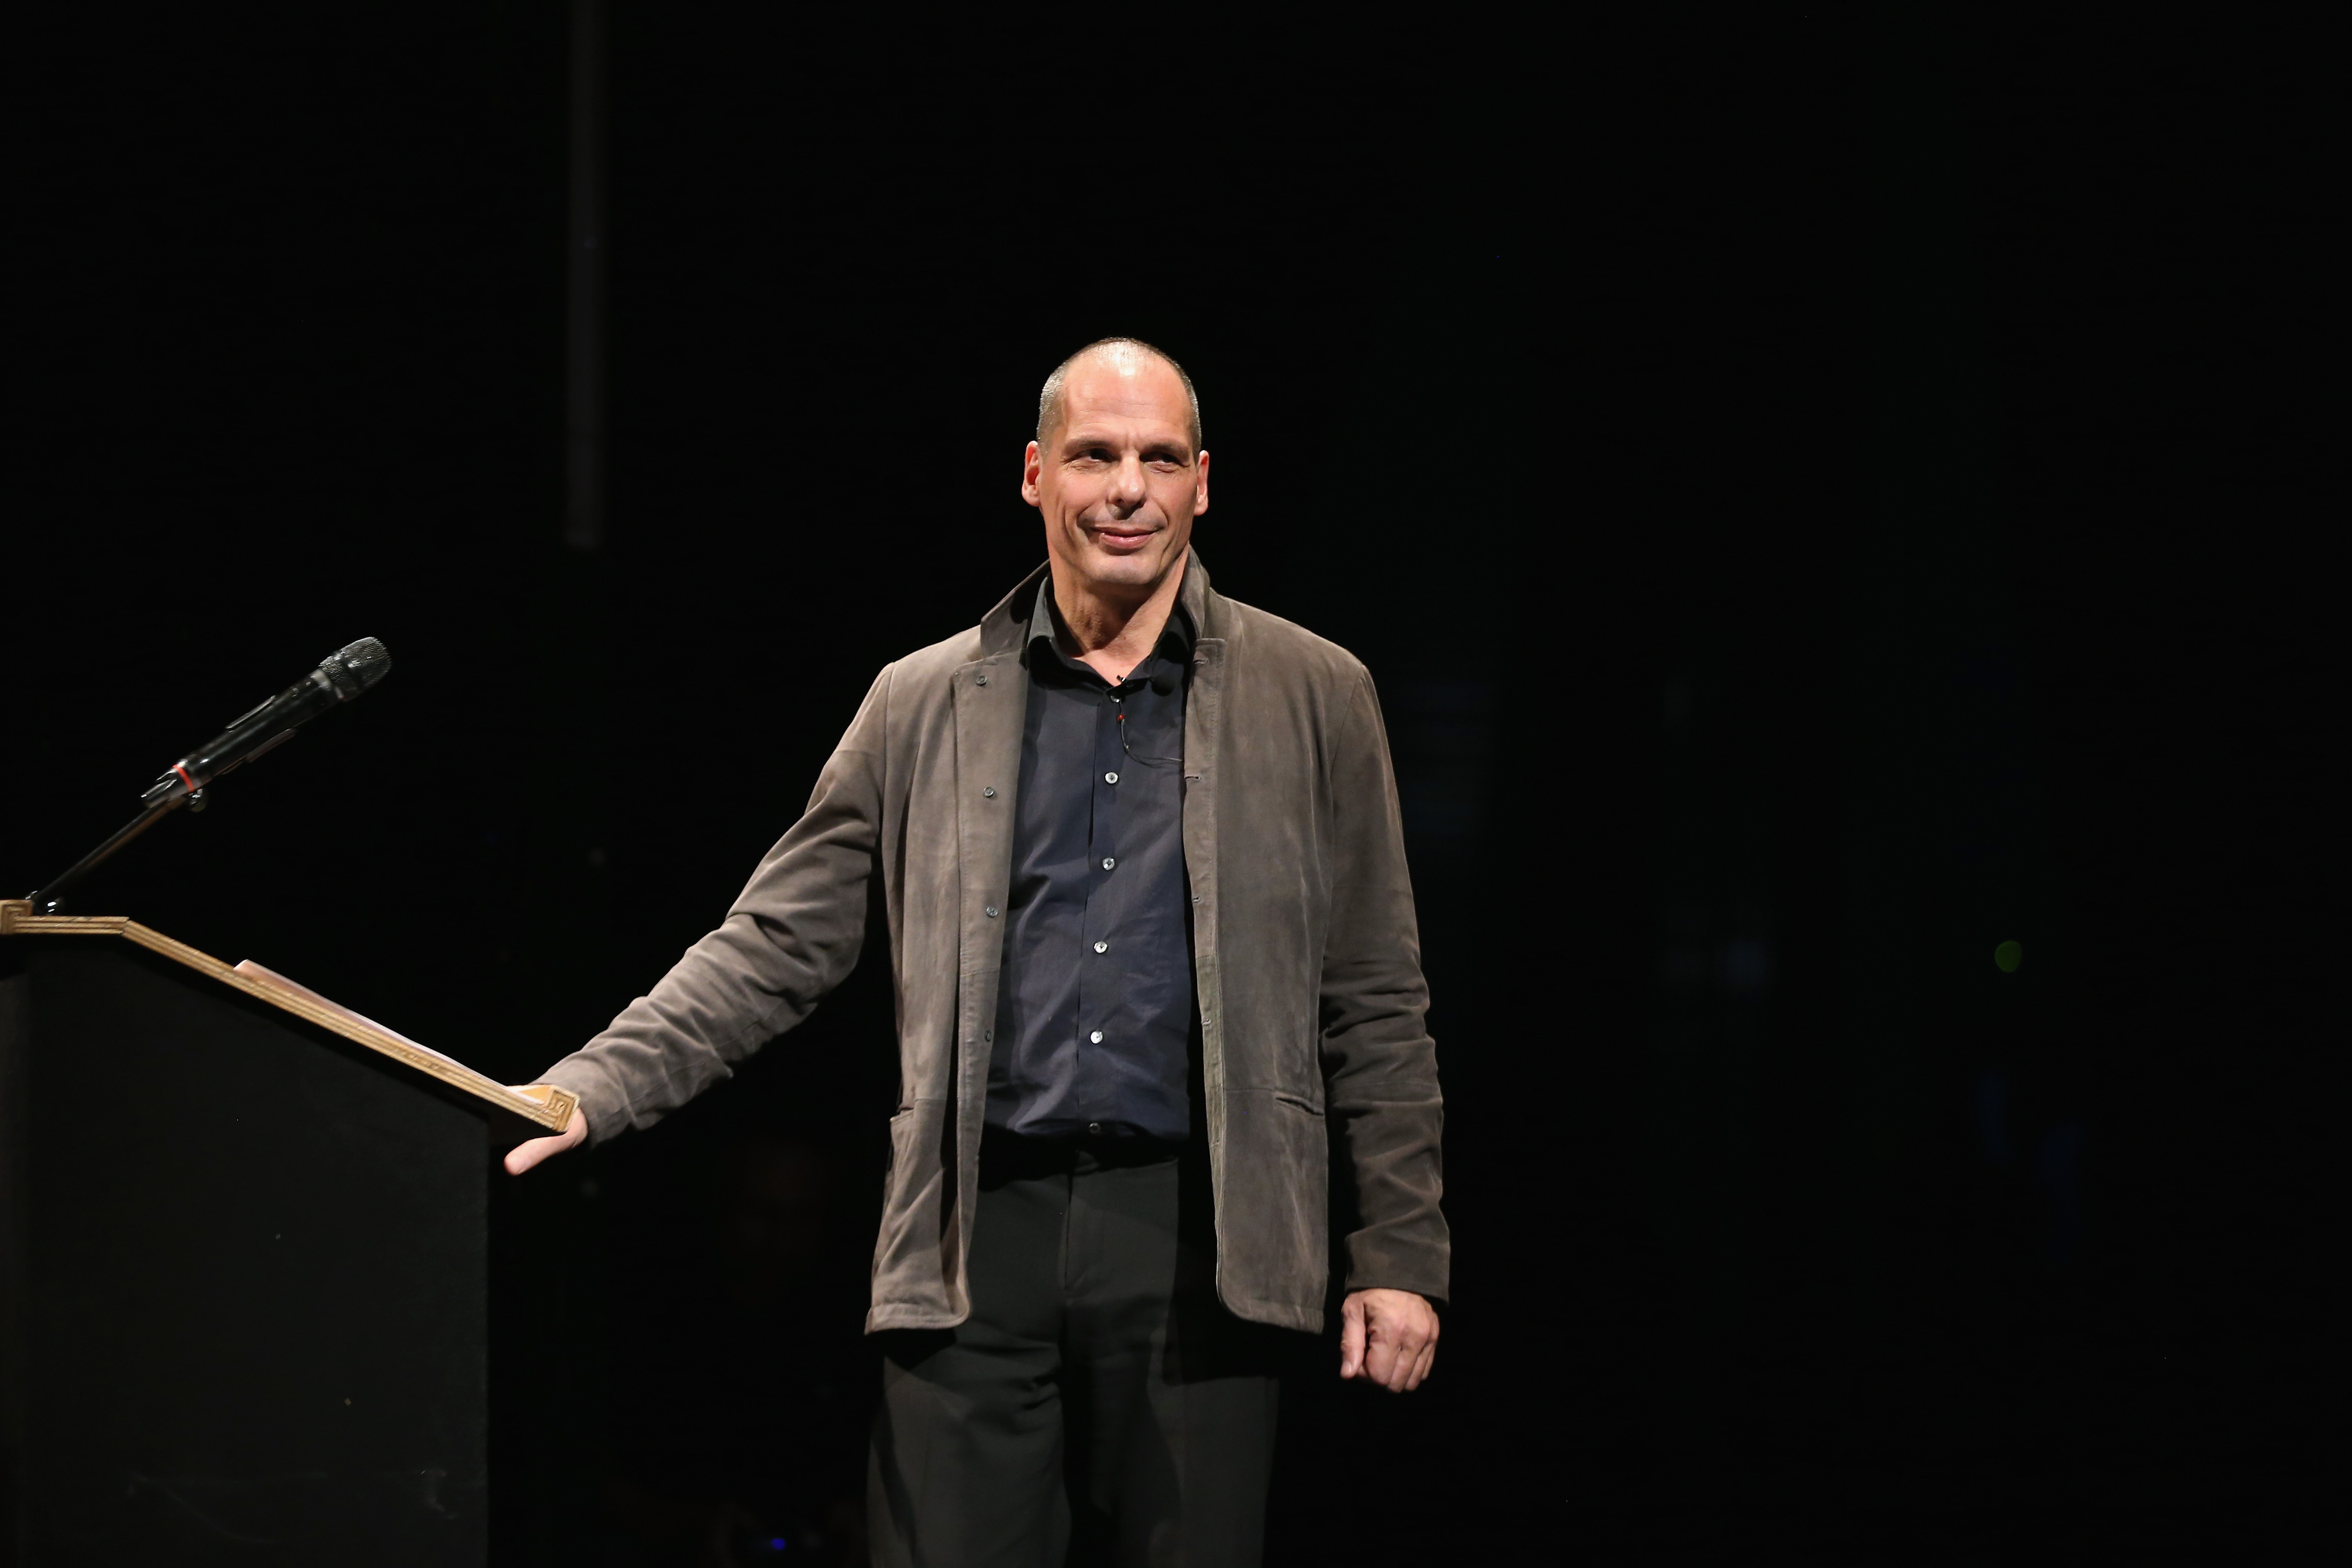 Yanis Varoufakis Launches Democracy in Europe Movement 2025